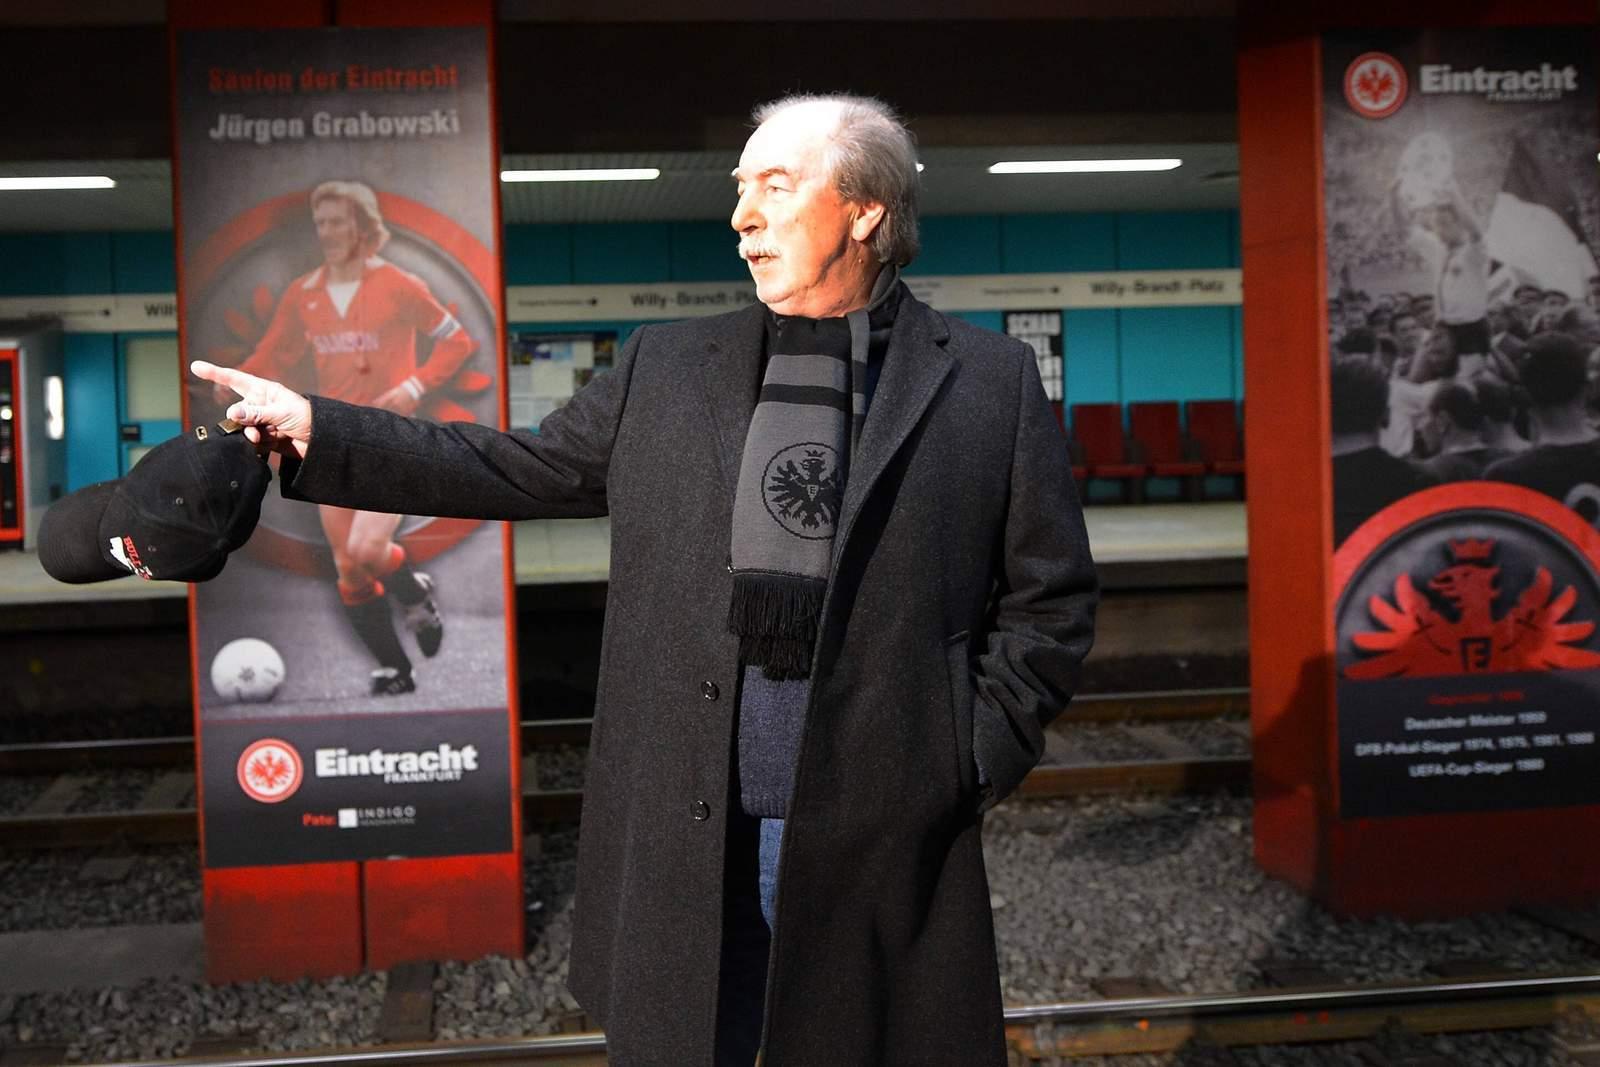 Jürgen Grabowski von Eintracht Frankfurt